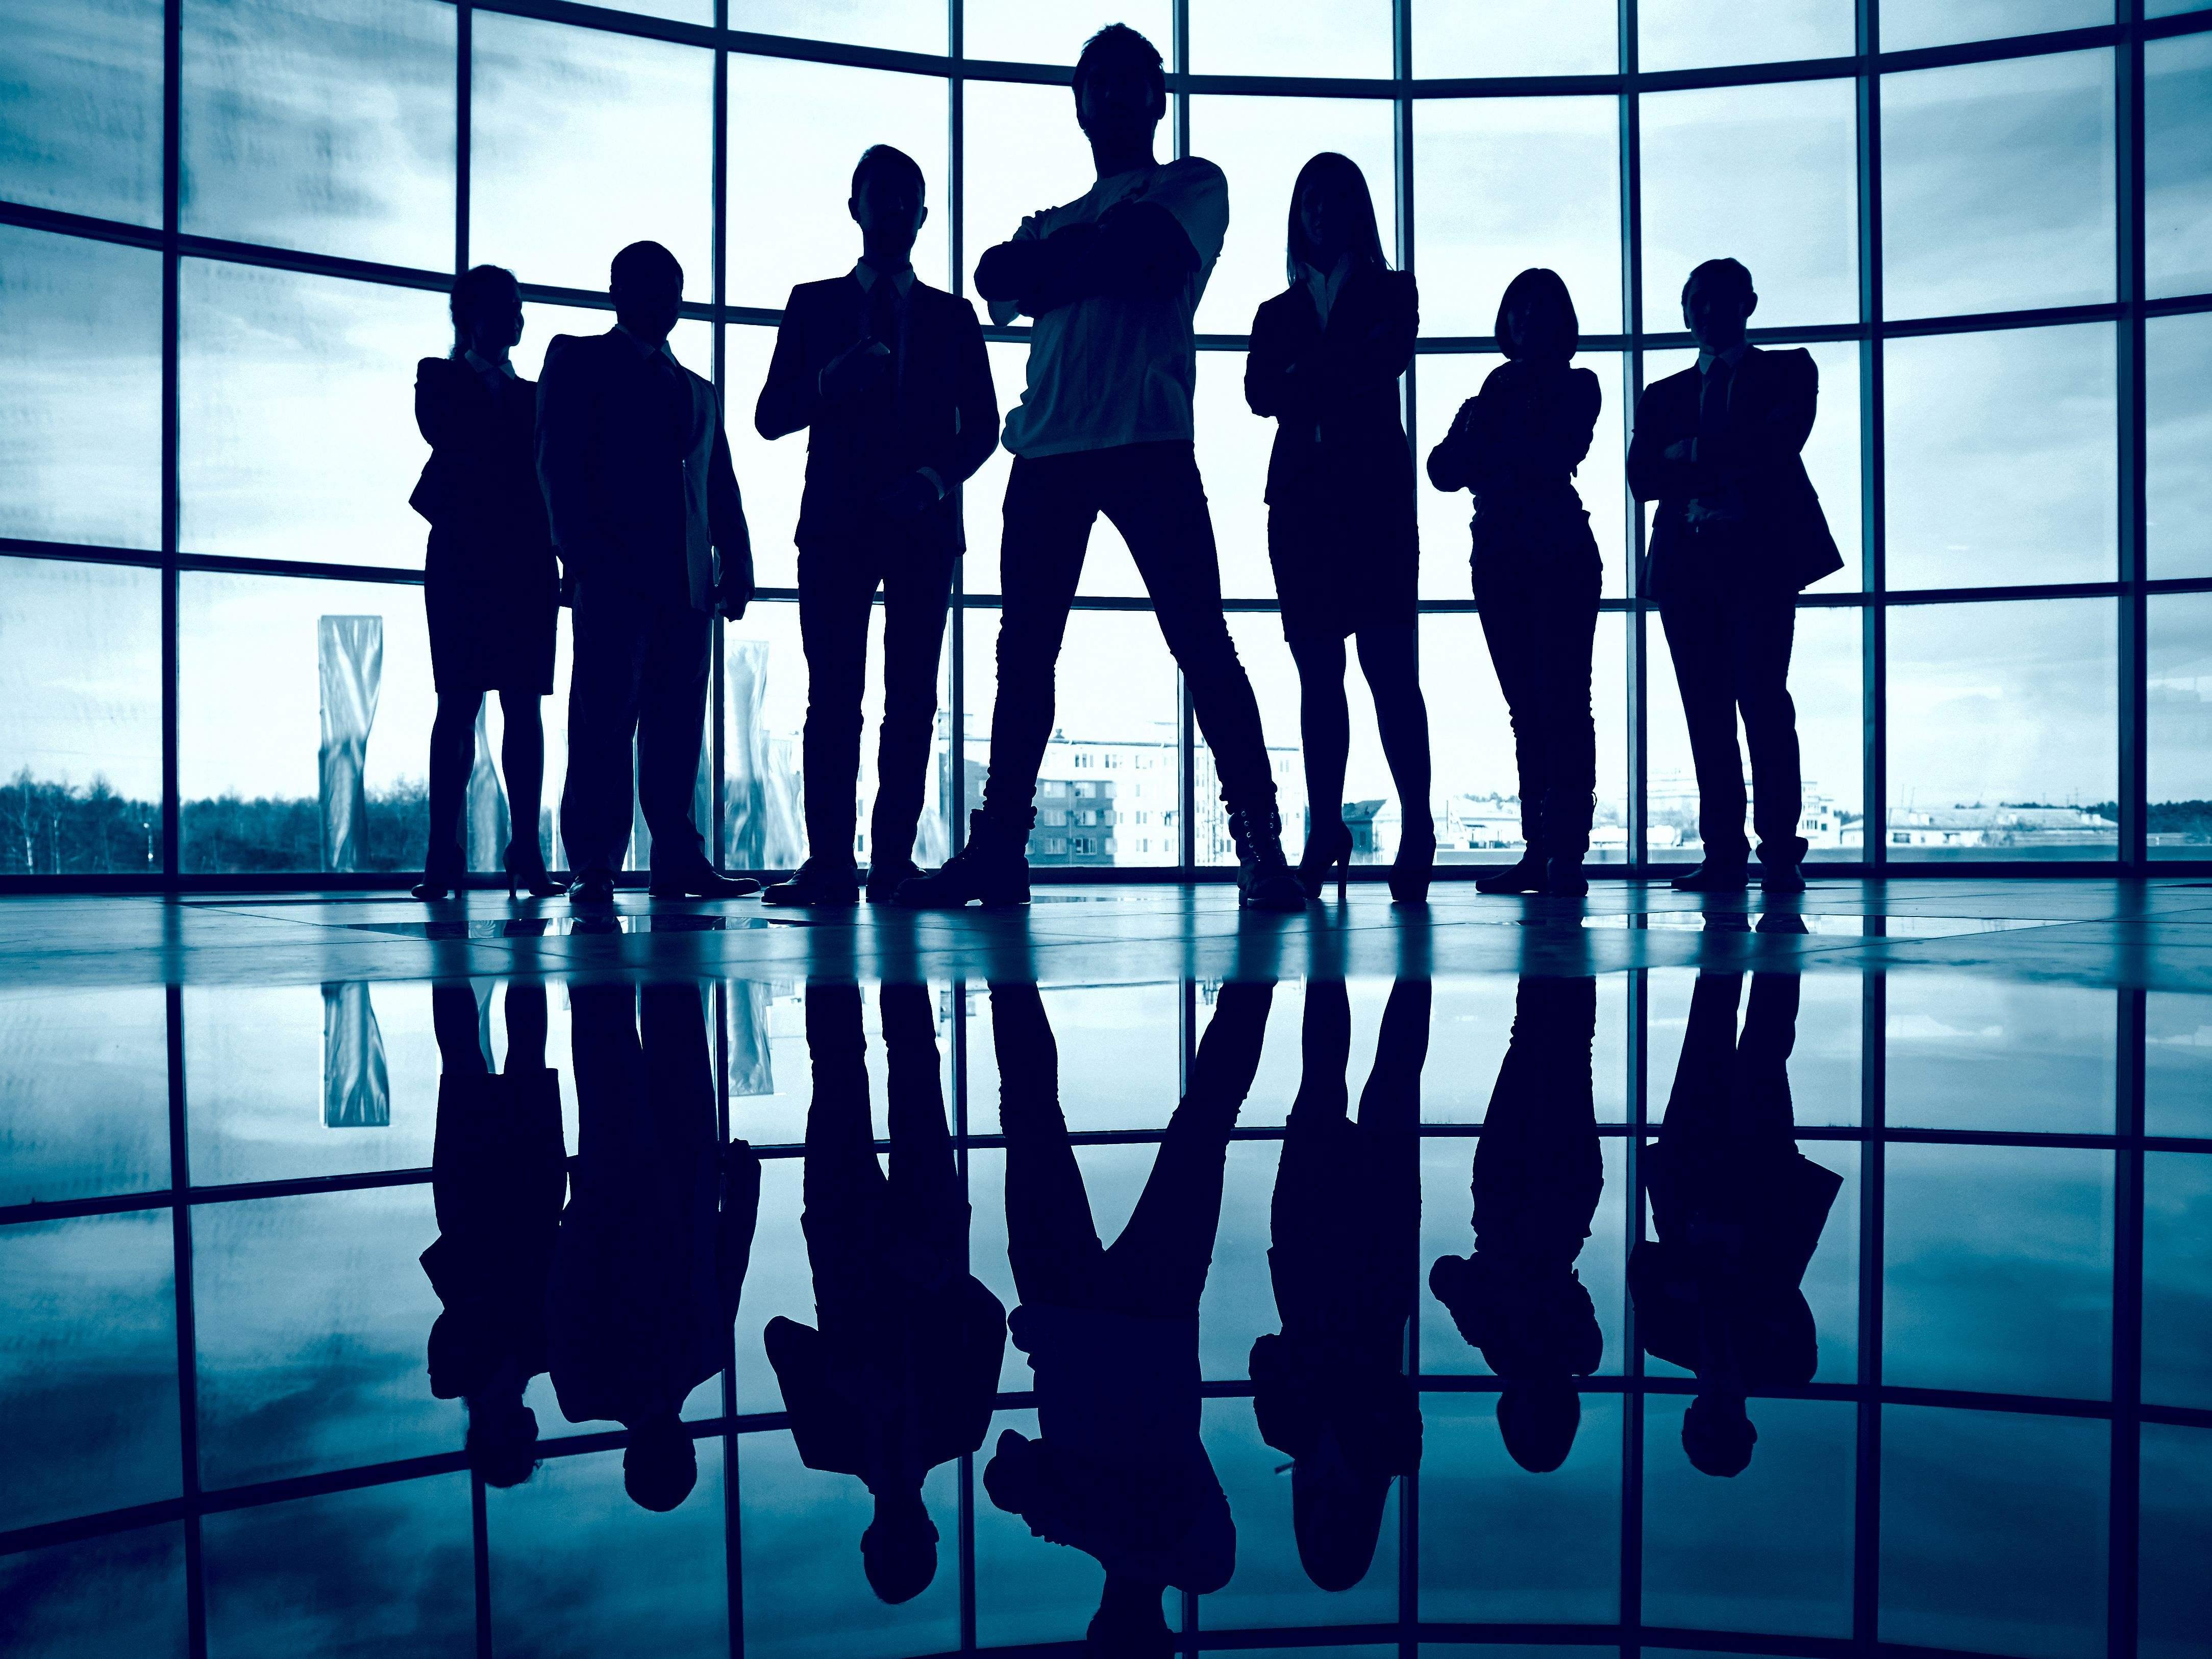 做外贸业务员是一种什么样的工作体验?听听行内人怎么说